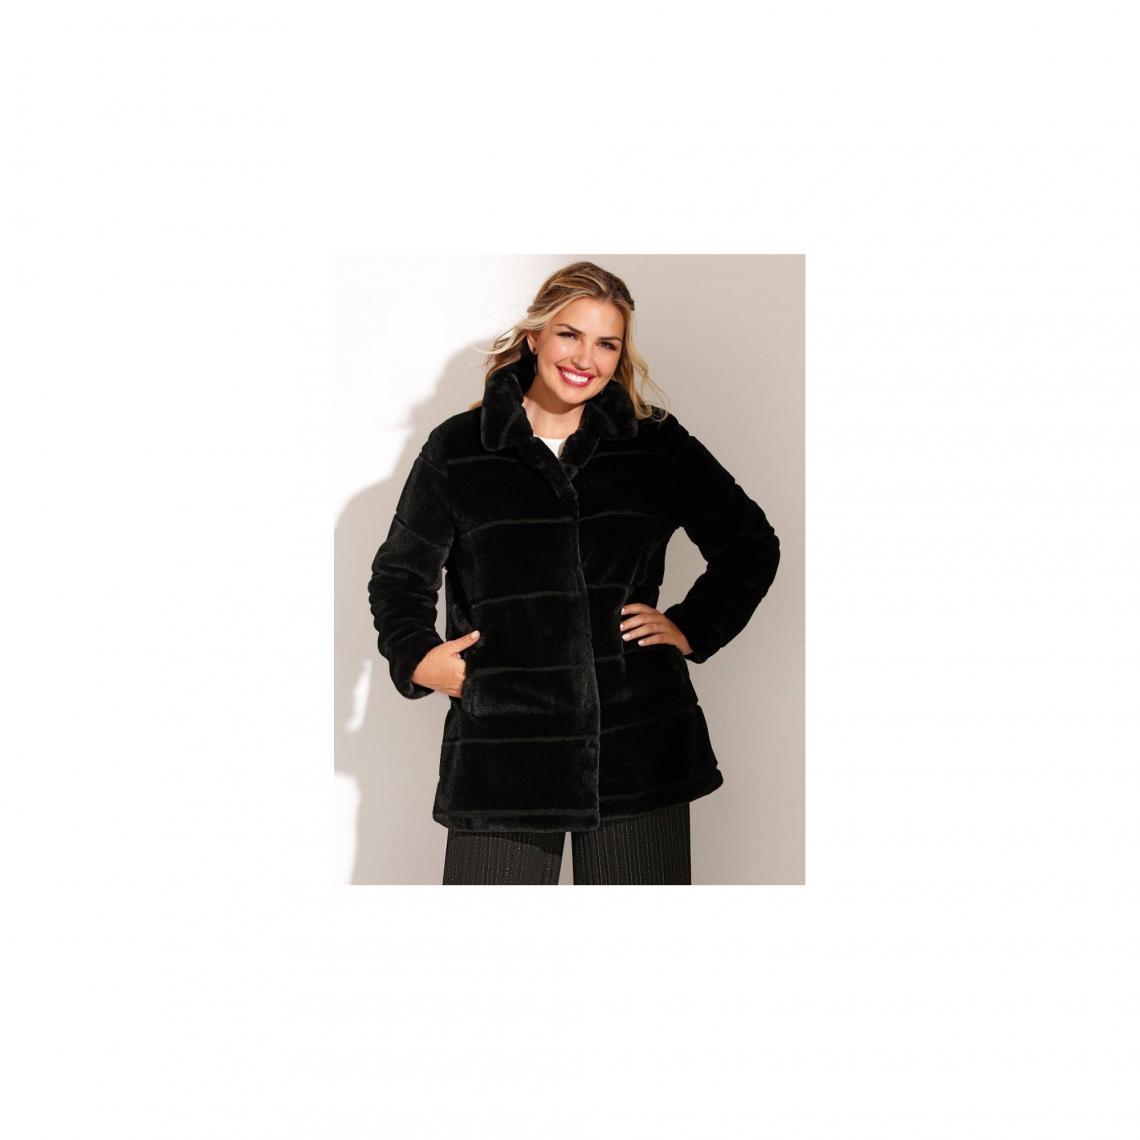 f9756c3256ea Manteaux femme 3 SUISSES Cliquez l image pour l agrandir. Manteau doublé  fermeture par pressions poches femme - Noir ...